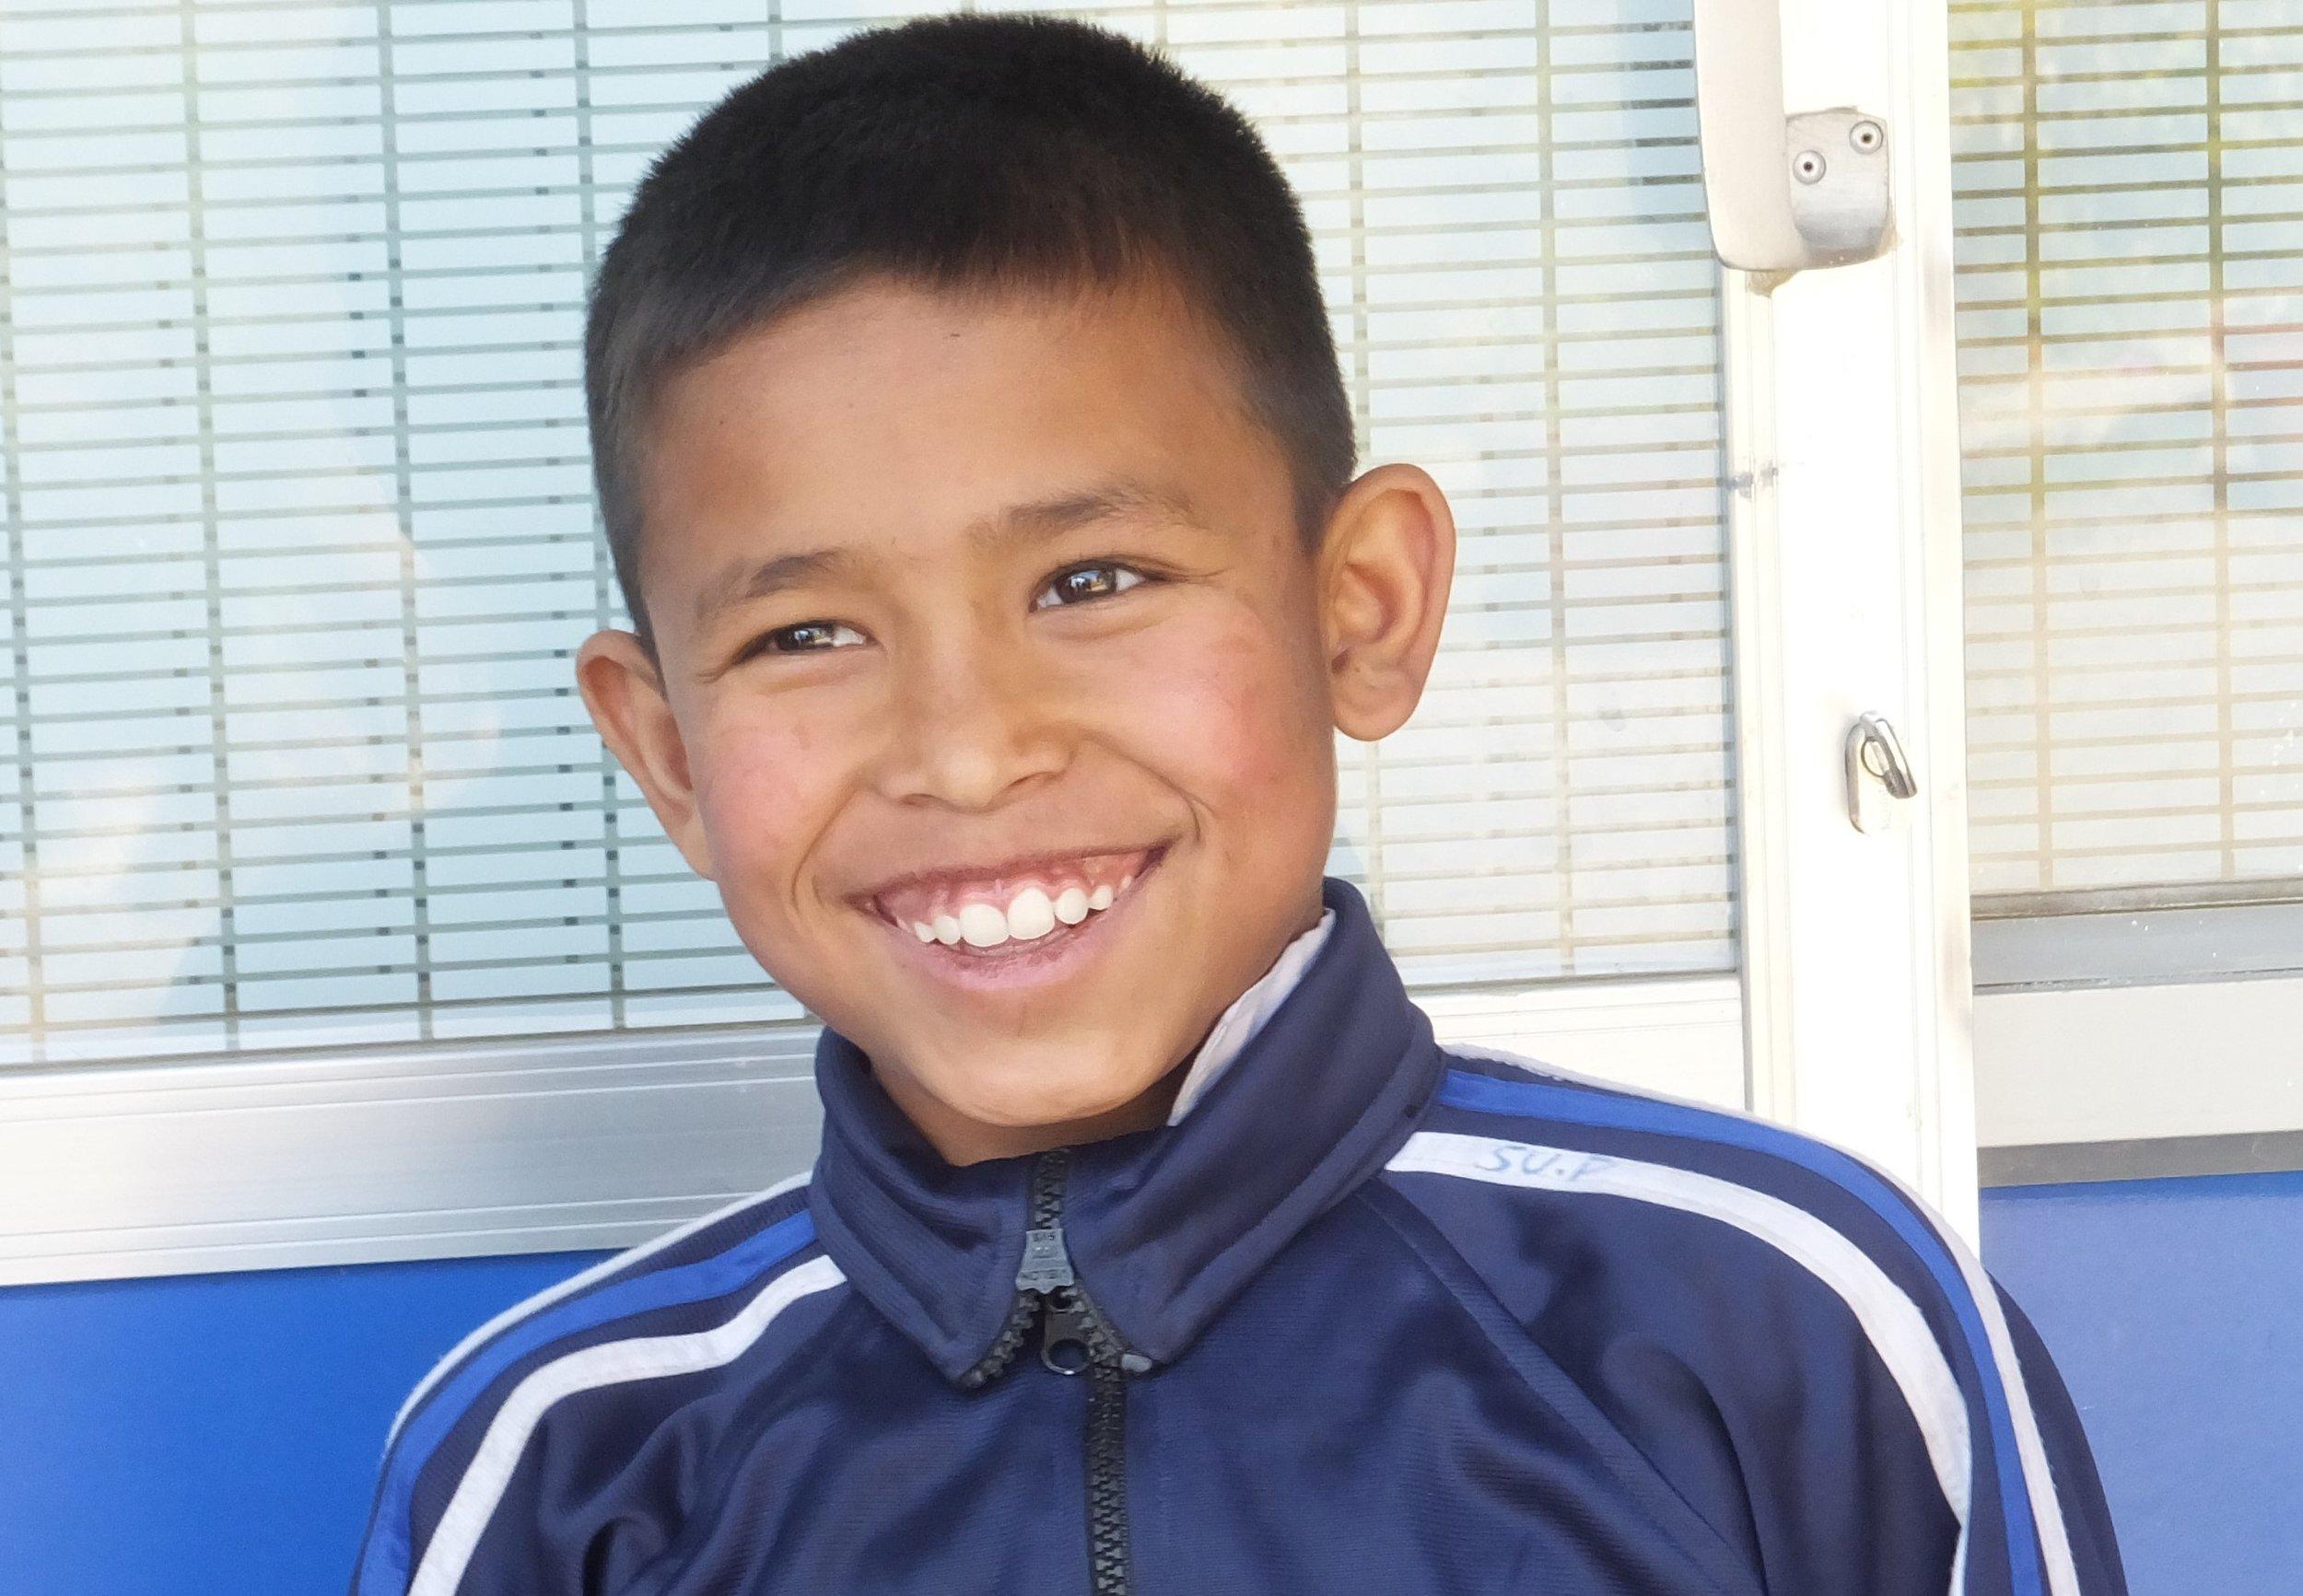 Sudip4th grader -